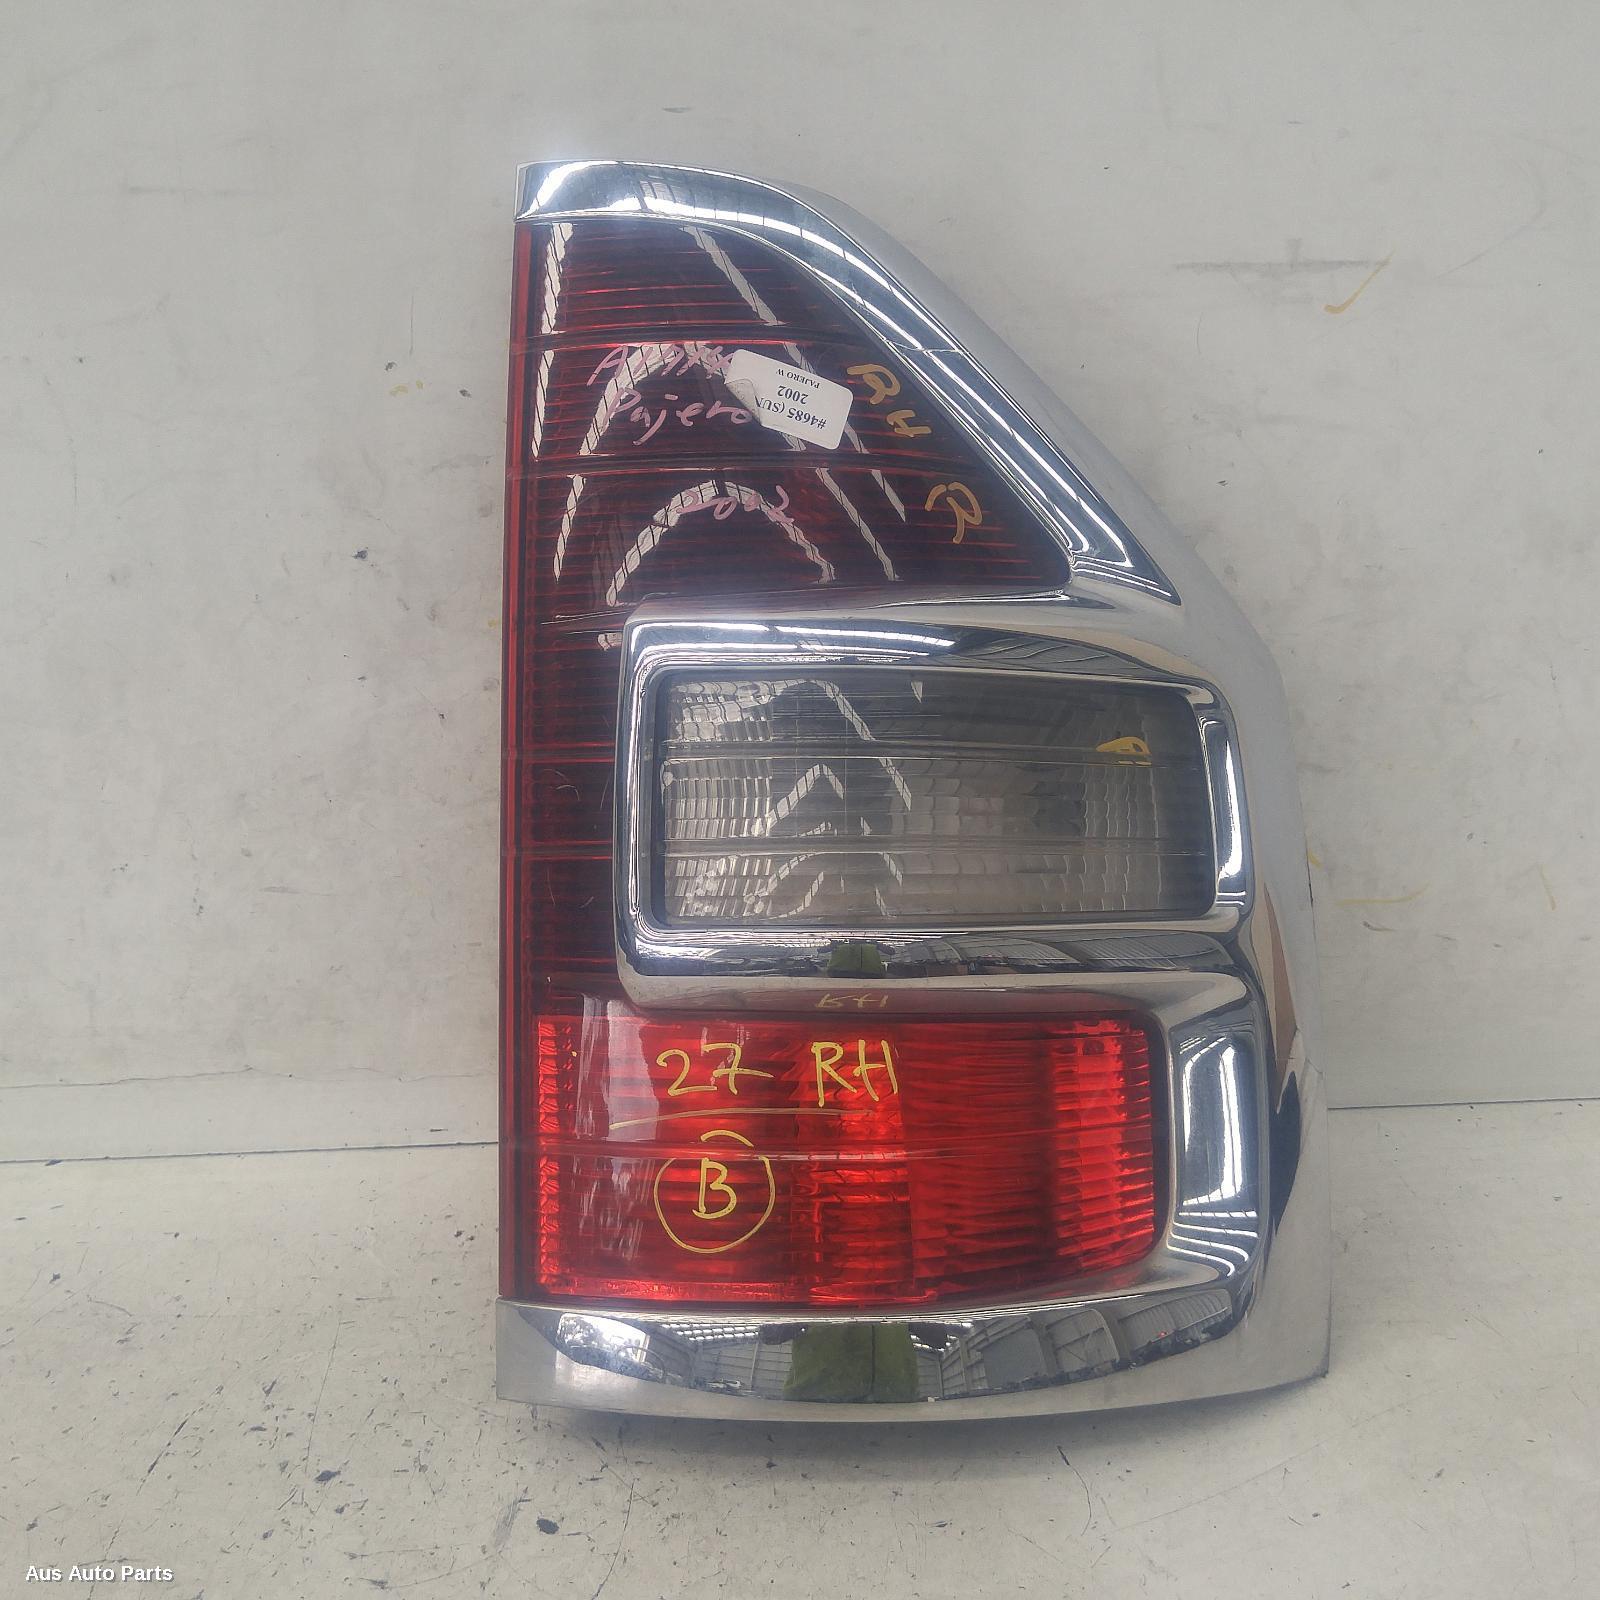 Bumper End Right Side Rear For Mitsubishi Pajero Nm 2000-2002